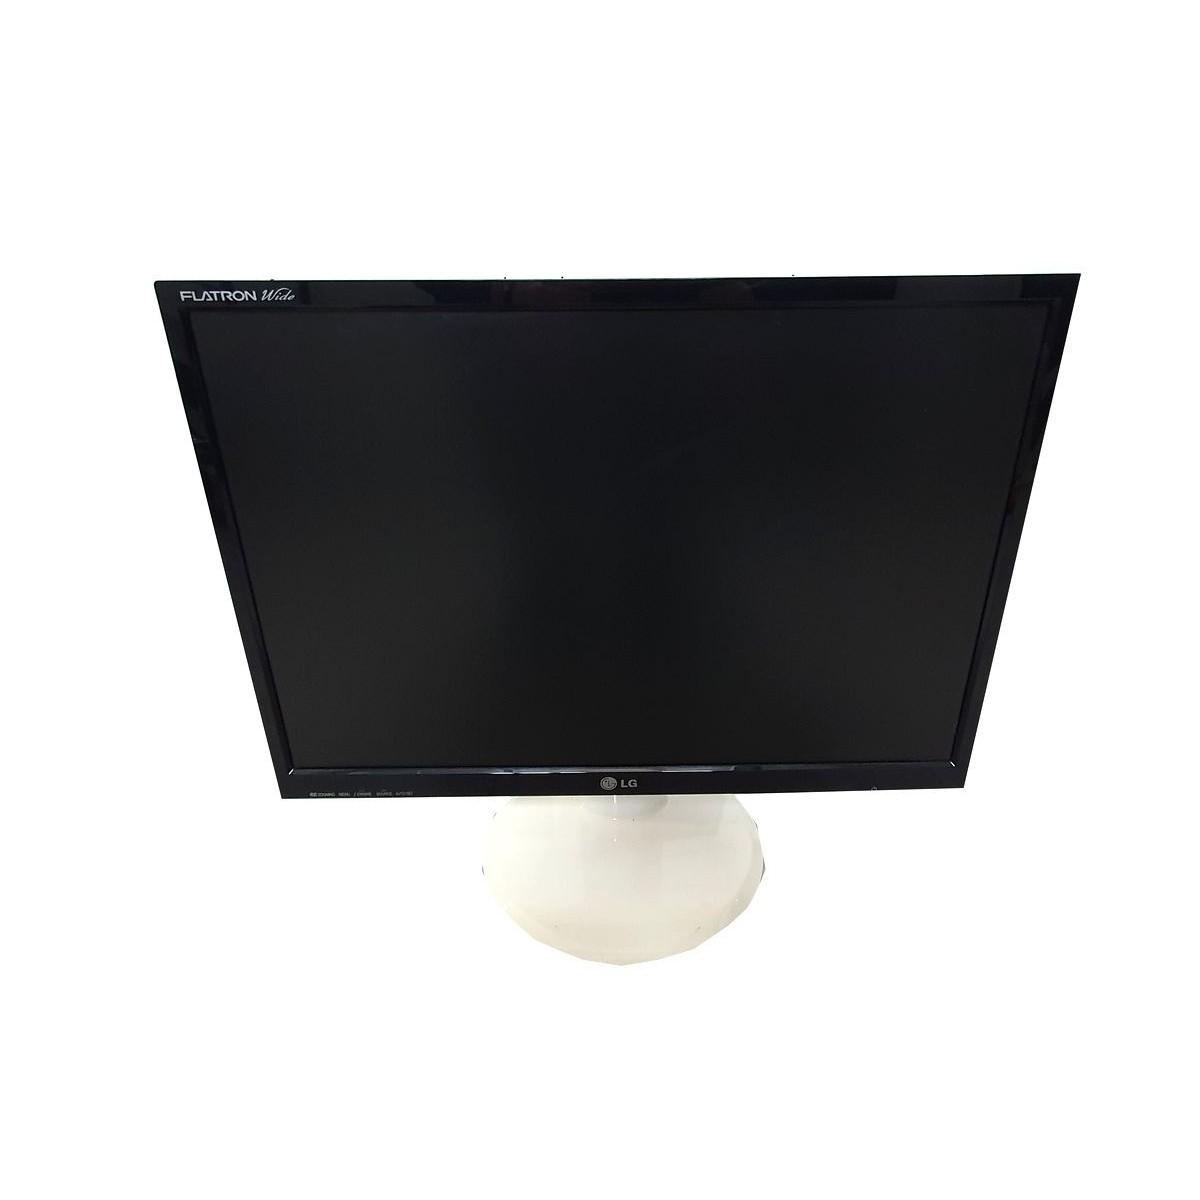 MONITOR LG L226WTQ-WFQ 22' LCD 2ms 16x10 KL. A+